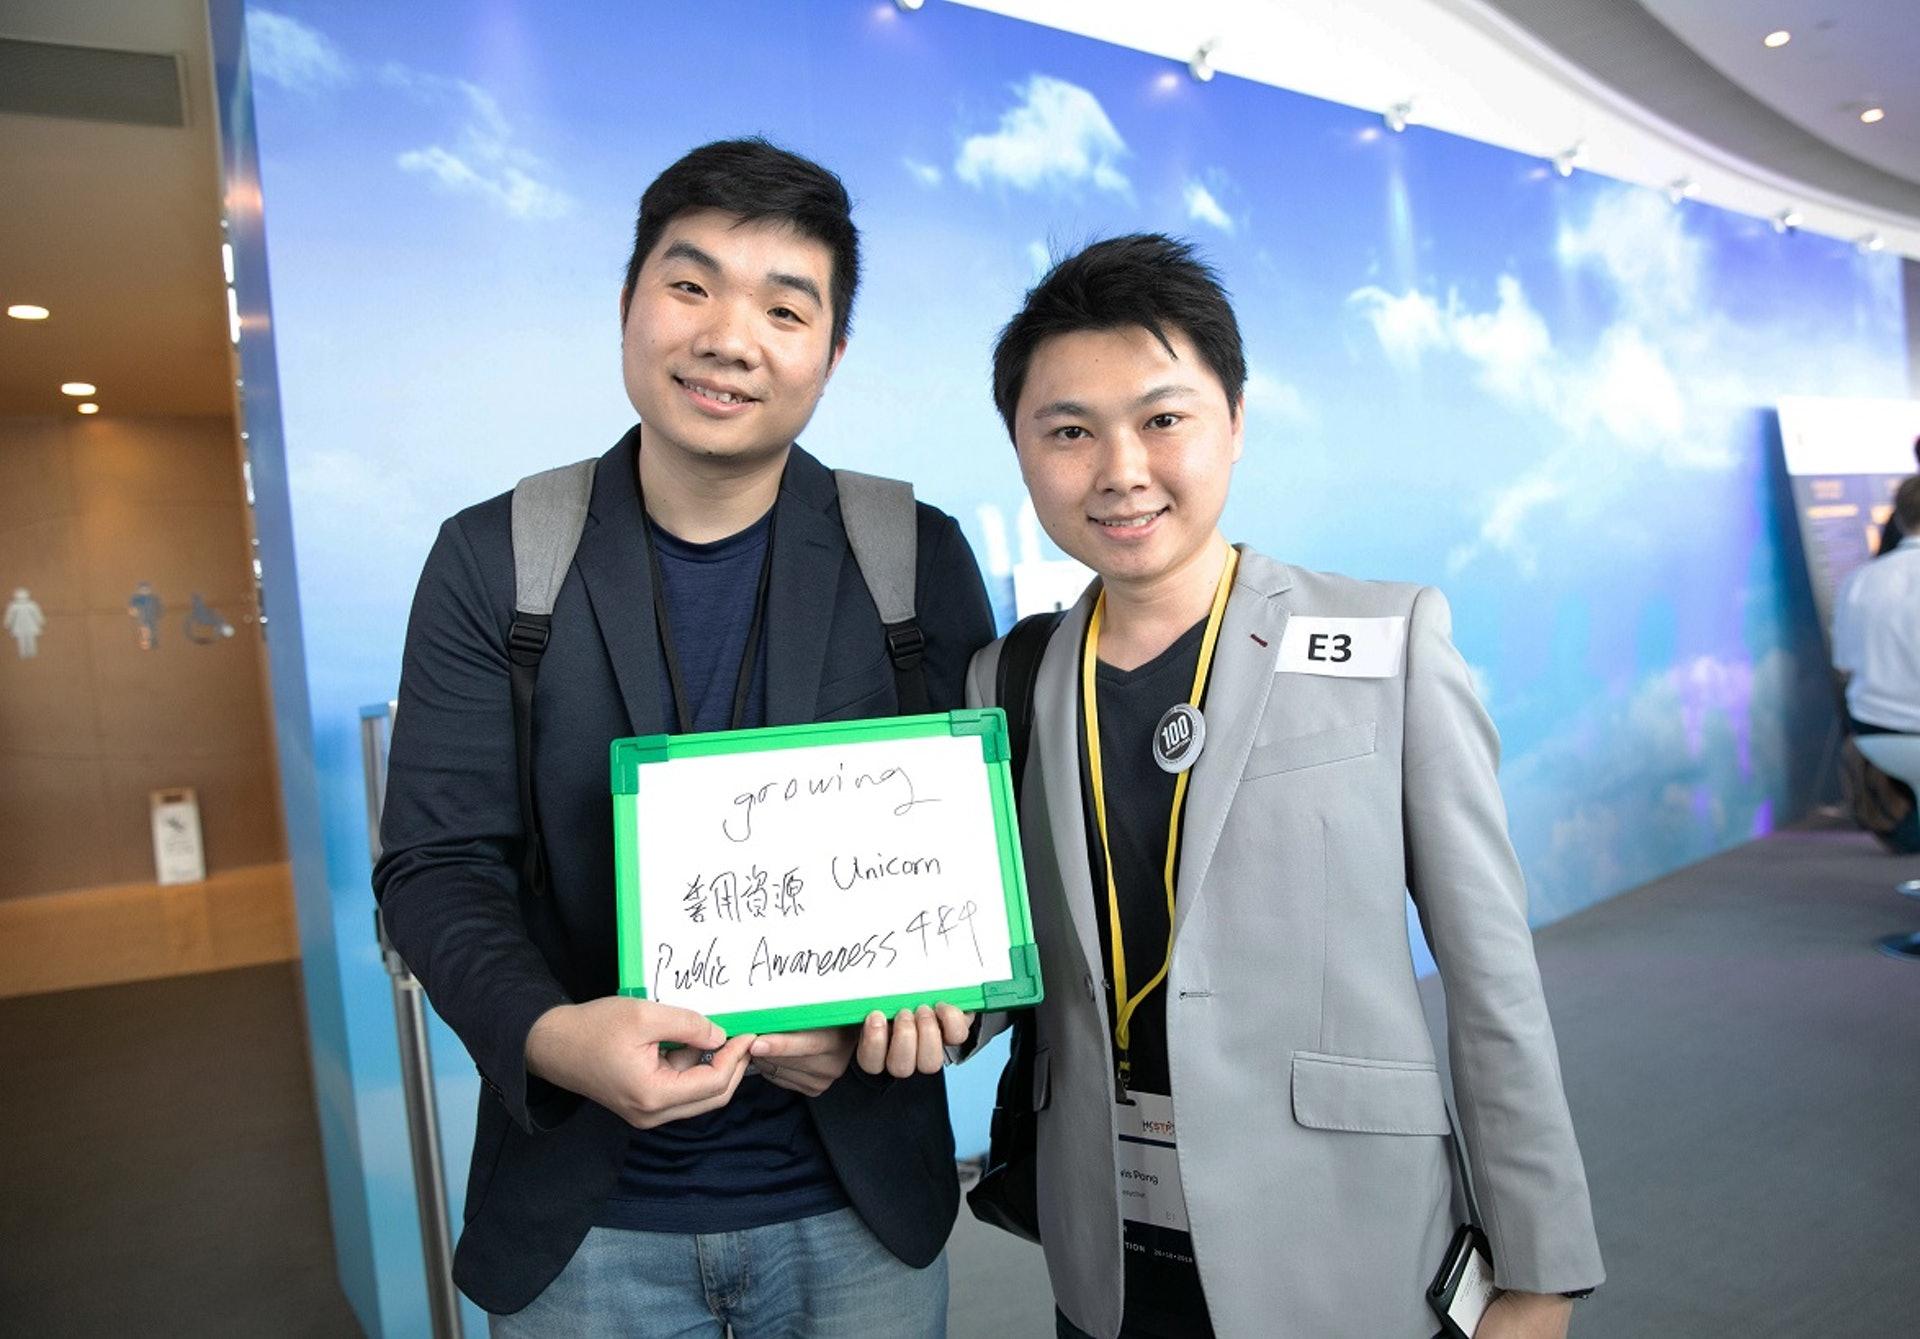 【Growing、善用資源、Unicorn、Public Awareness要提升】本地創企EasyChat兩位創辦人Alan(左)及Lewis(右)認為香港的創業氣氛正在提升,但除需要更多資源及獨角獸作領軍榜樣外,也希望大眾對「創業」有更深入了解並給予支持。